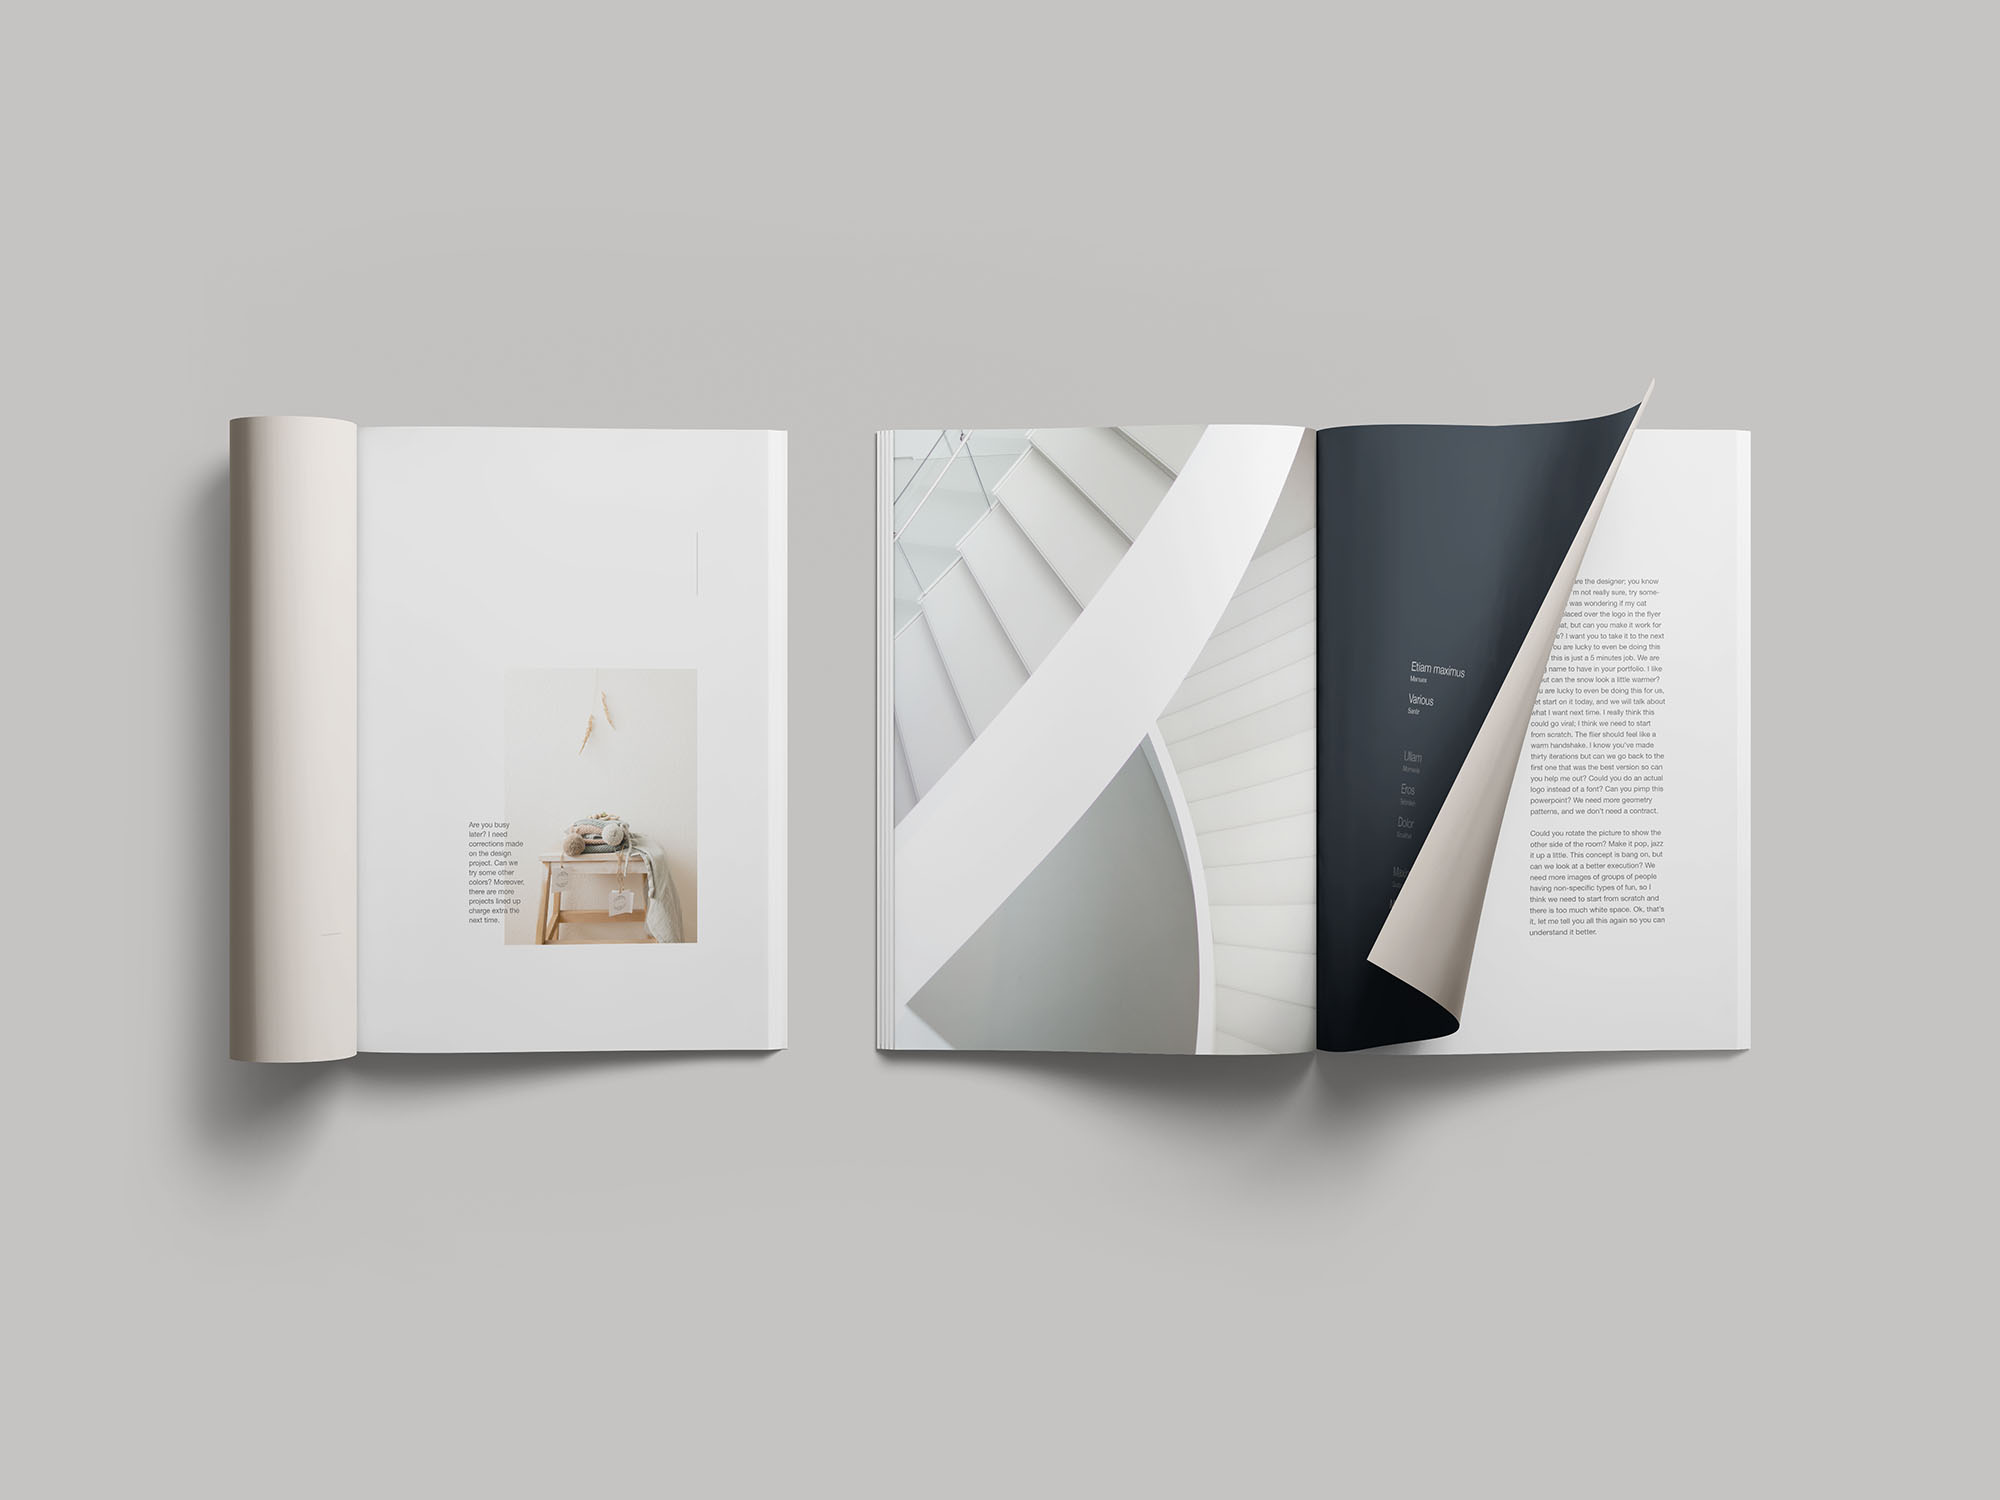 生活场景类画册杂志展示样机 Simple Magazine Mockup